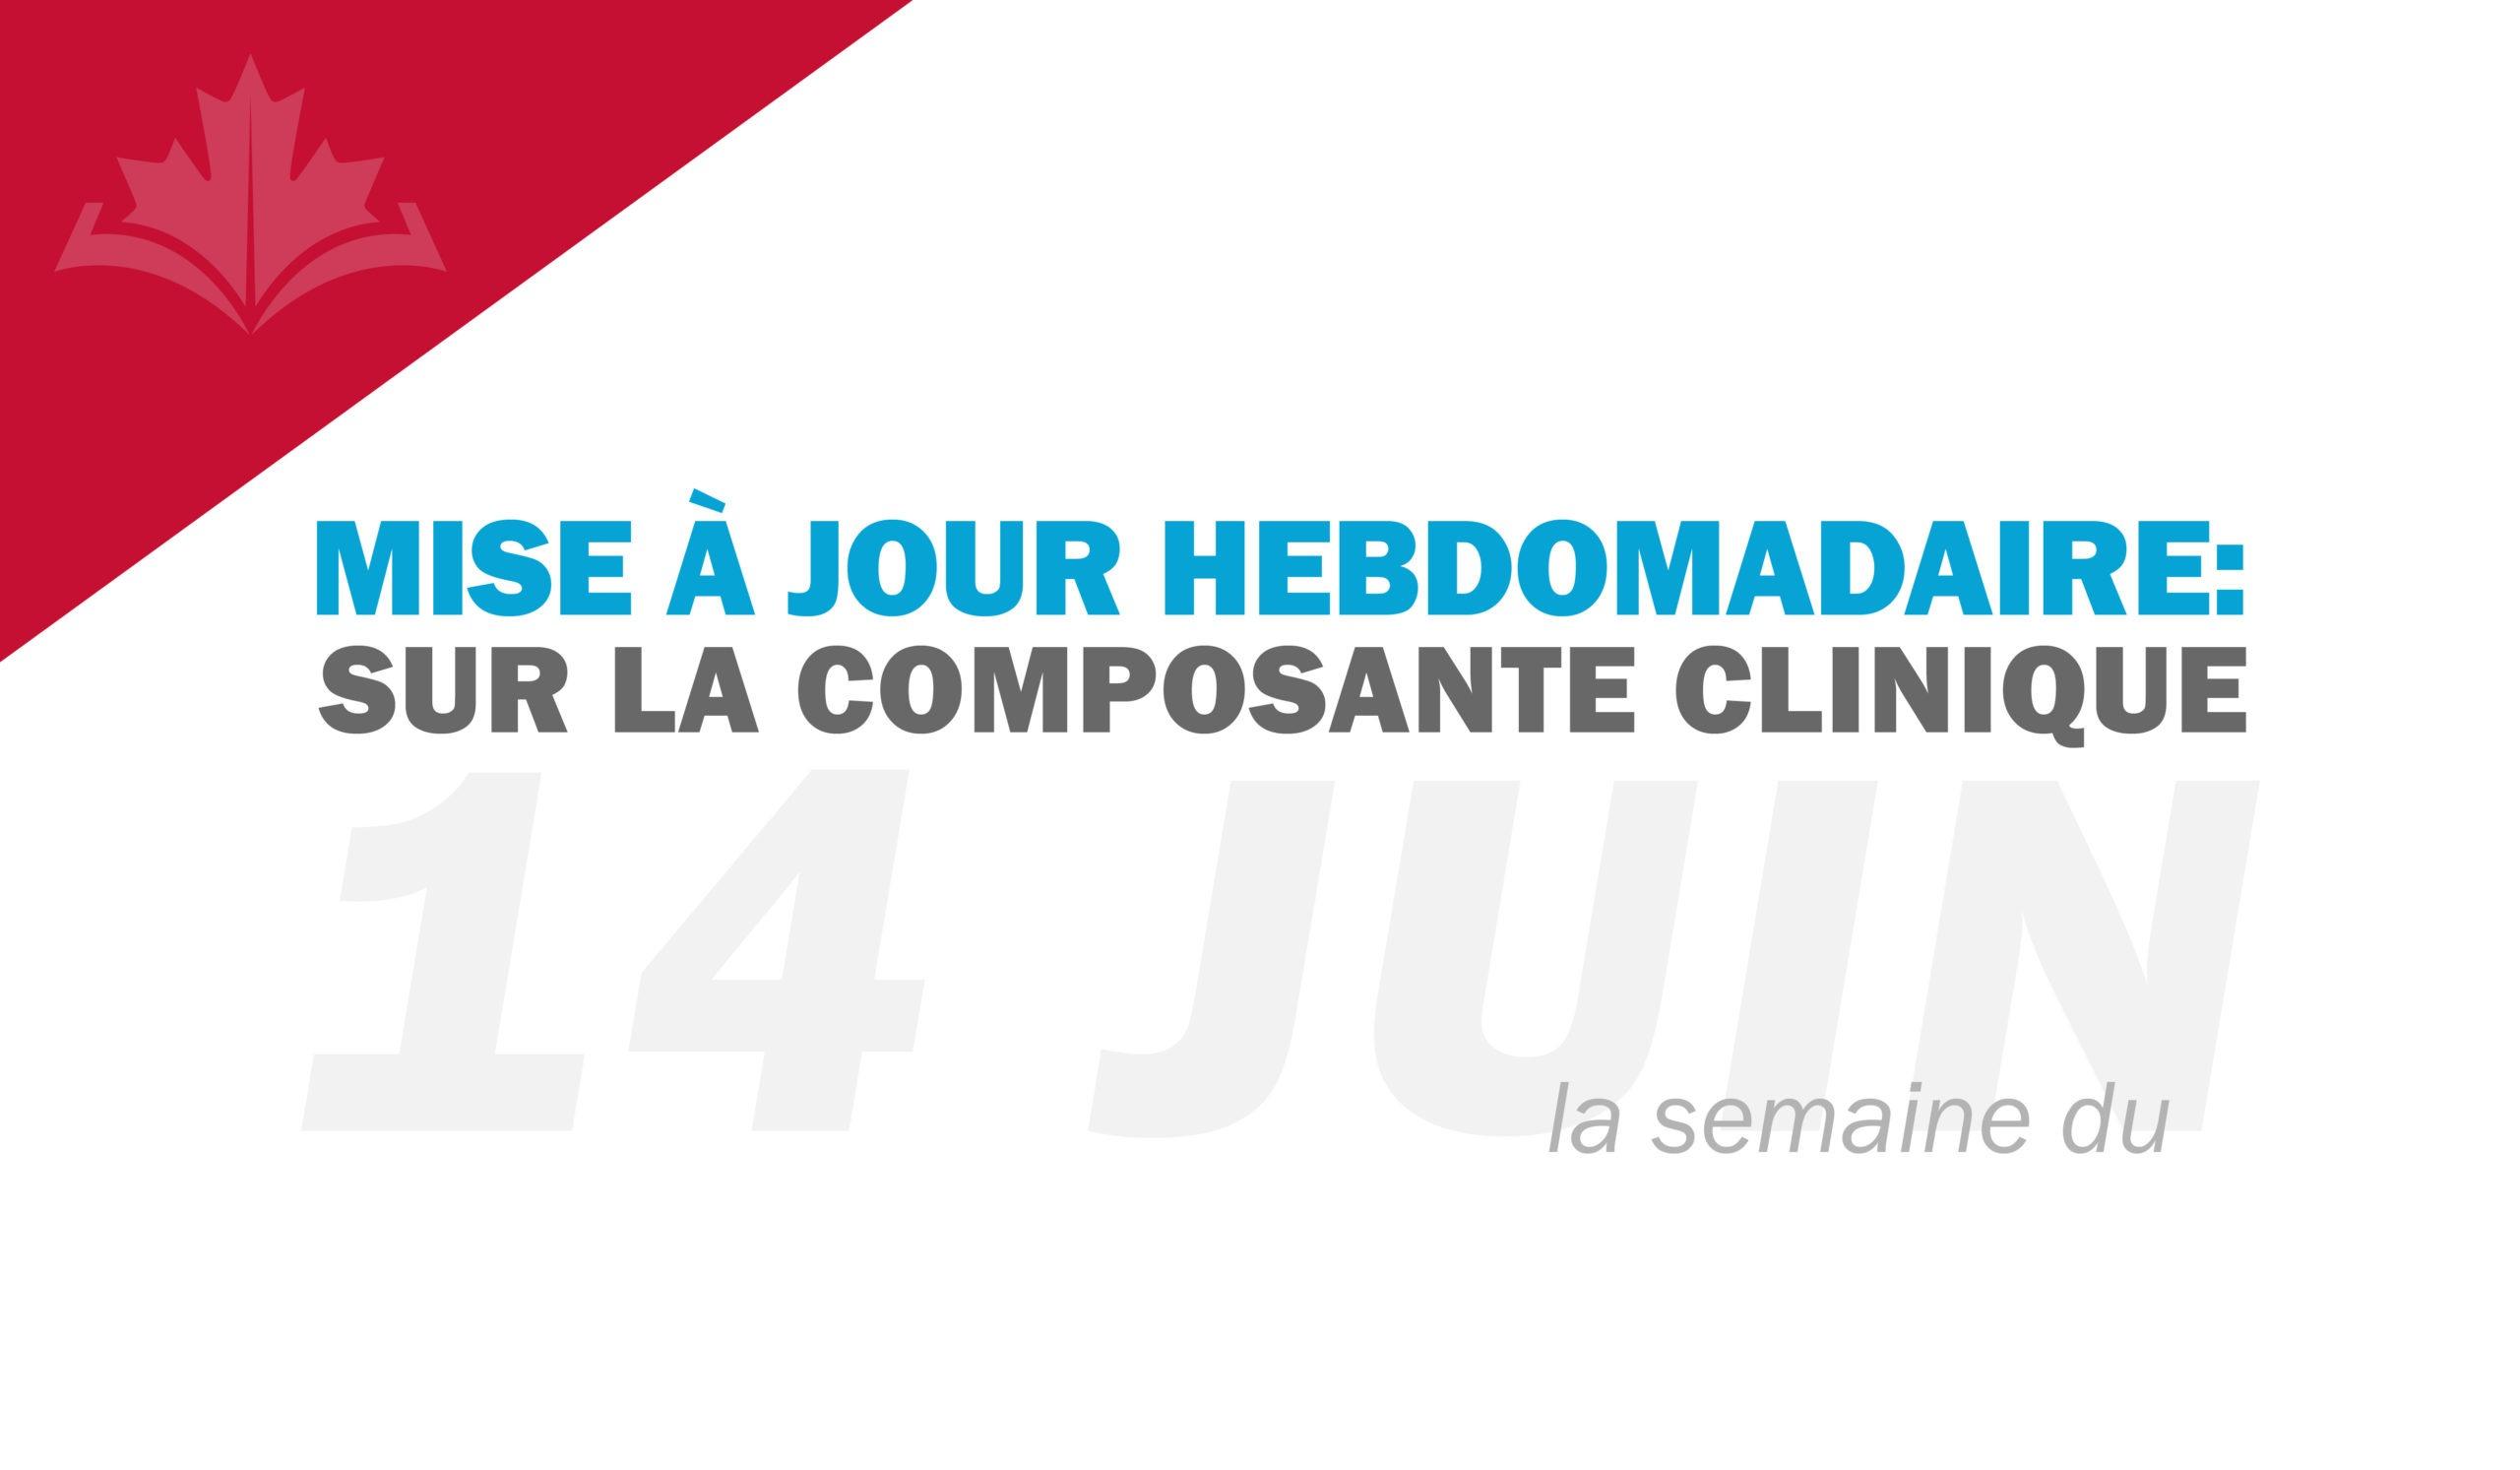 Mise à jour hebdomadaire sur la composante clinique : semaine du 14 juin